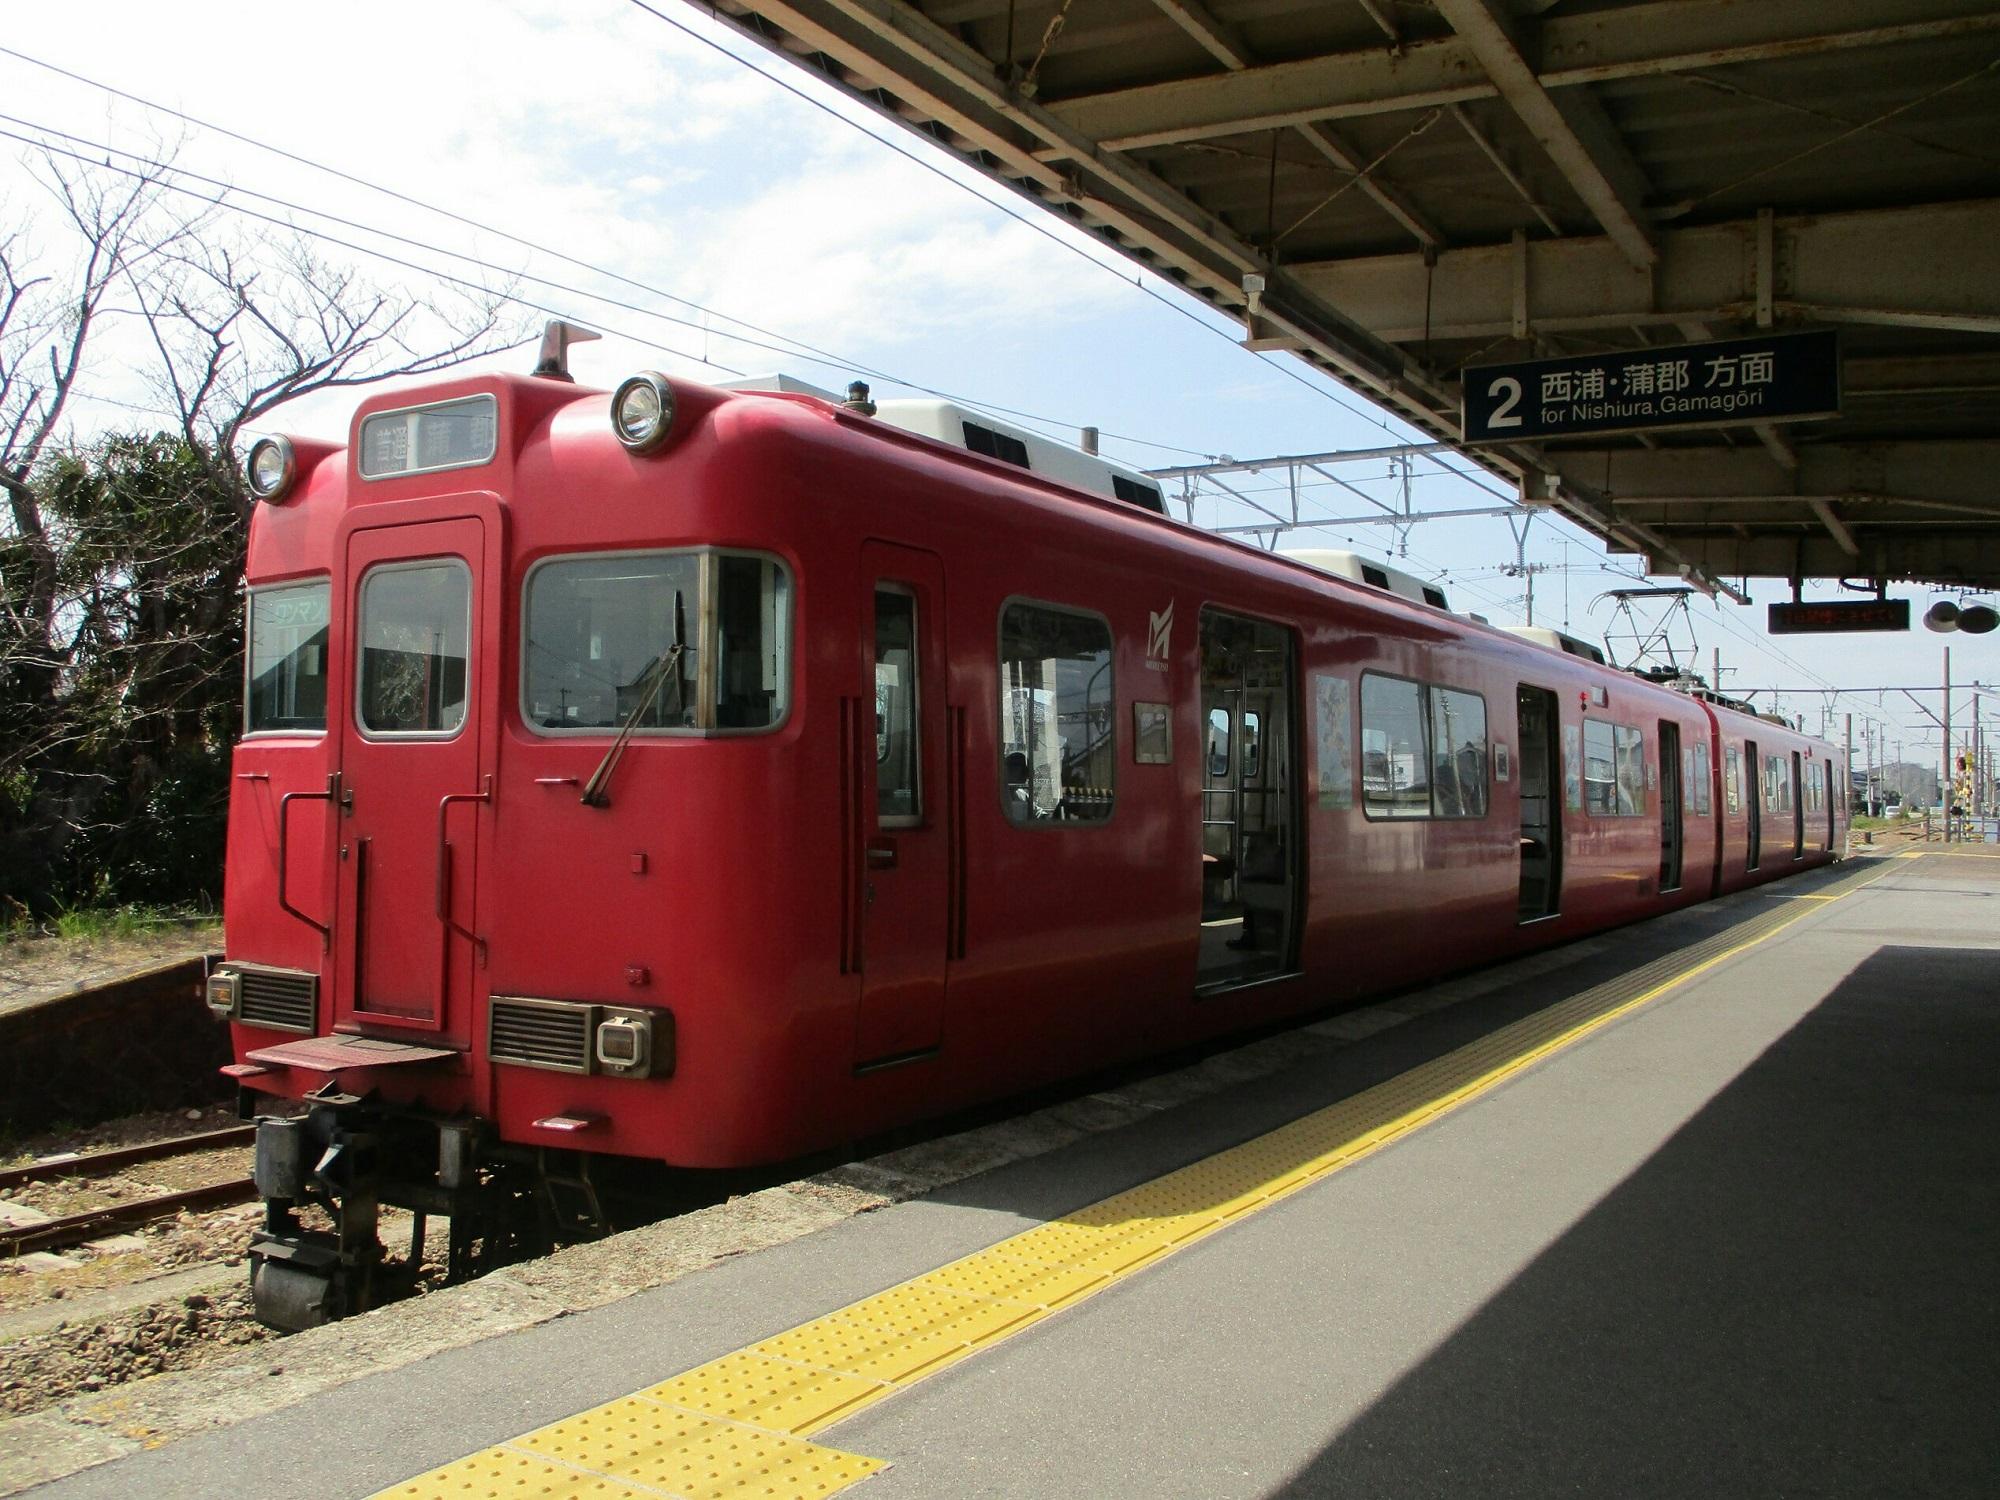 2019.3.26 (19) 吉良吉田 - 蒲郡いきふつう 2000-1500